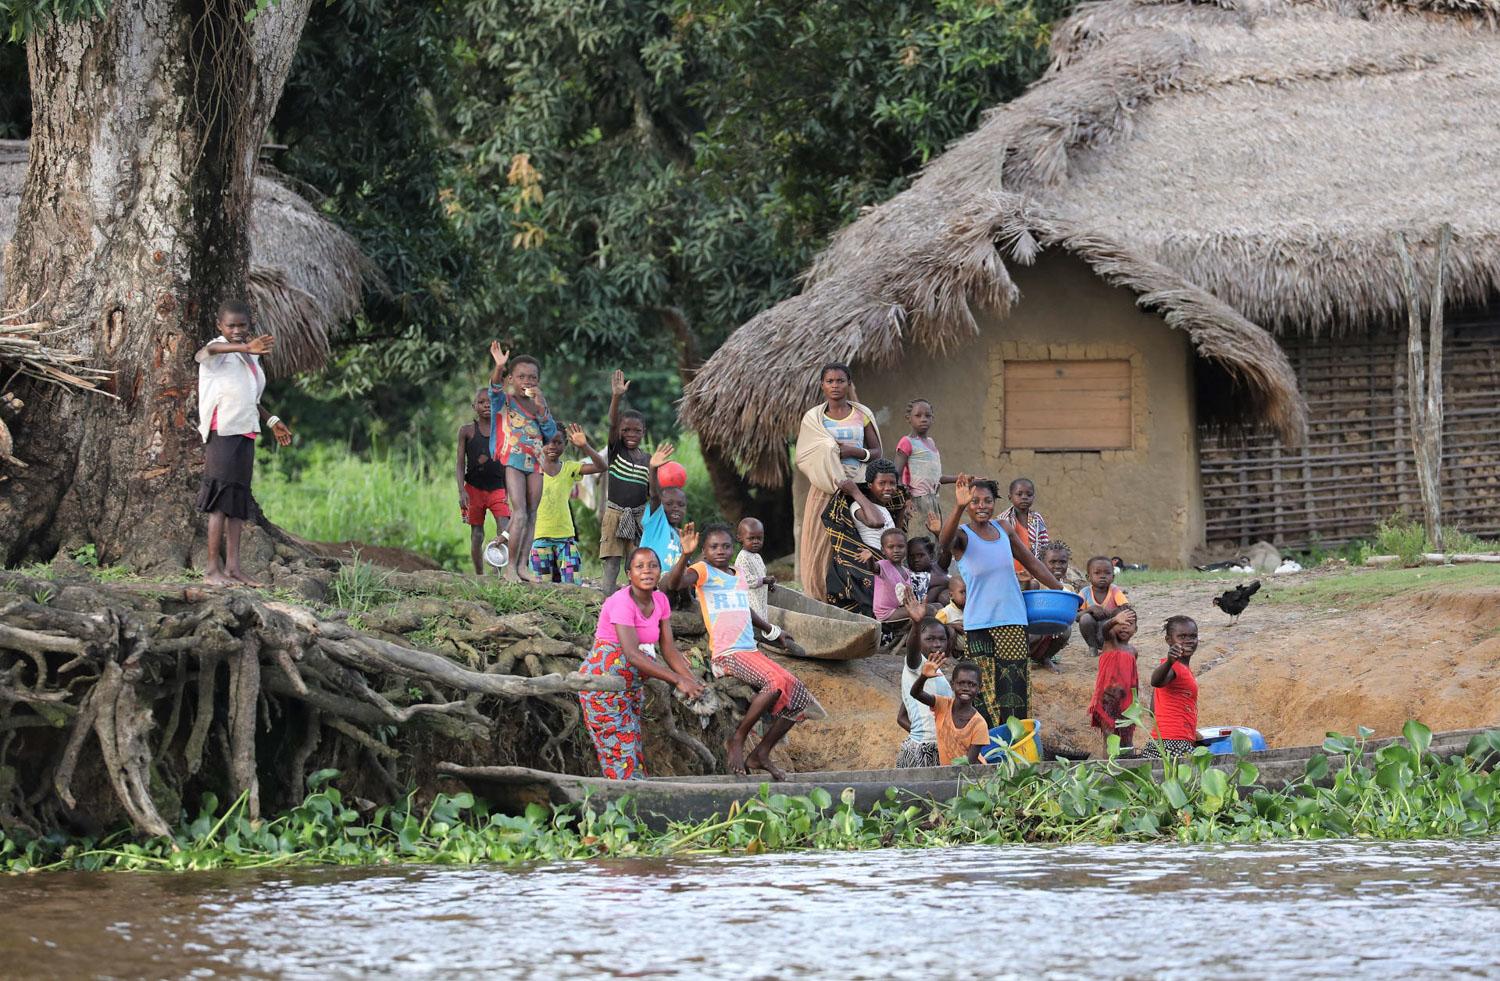 川沿いの小さな集落は友好的。